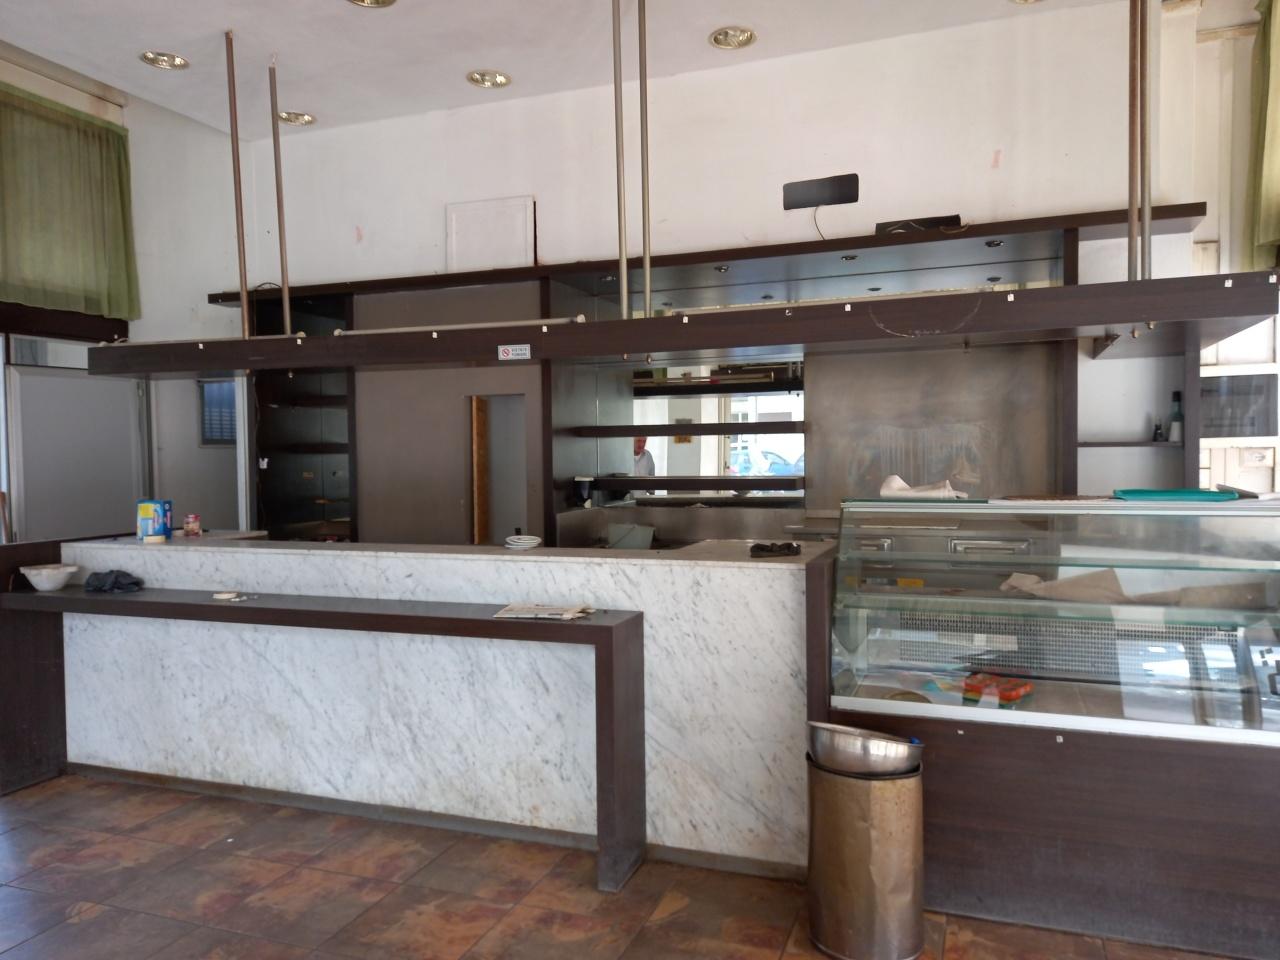 Negozio / Locale in affitto a La Spezia, 2 locali, prezzo € 680   PortaleAgenzieImmobiliari.it